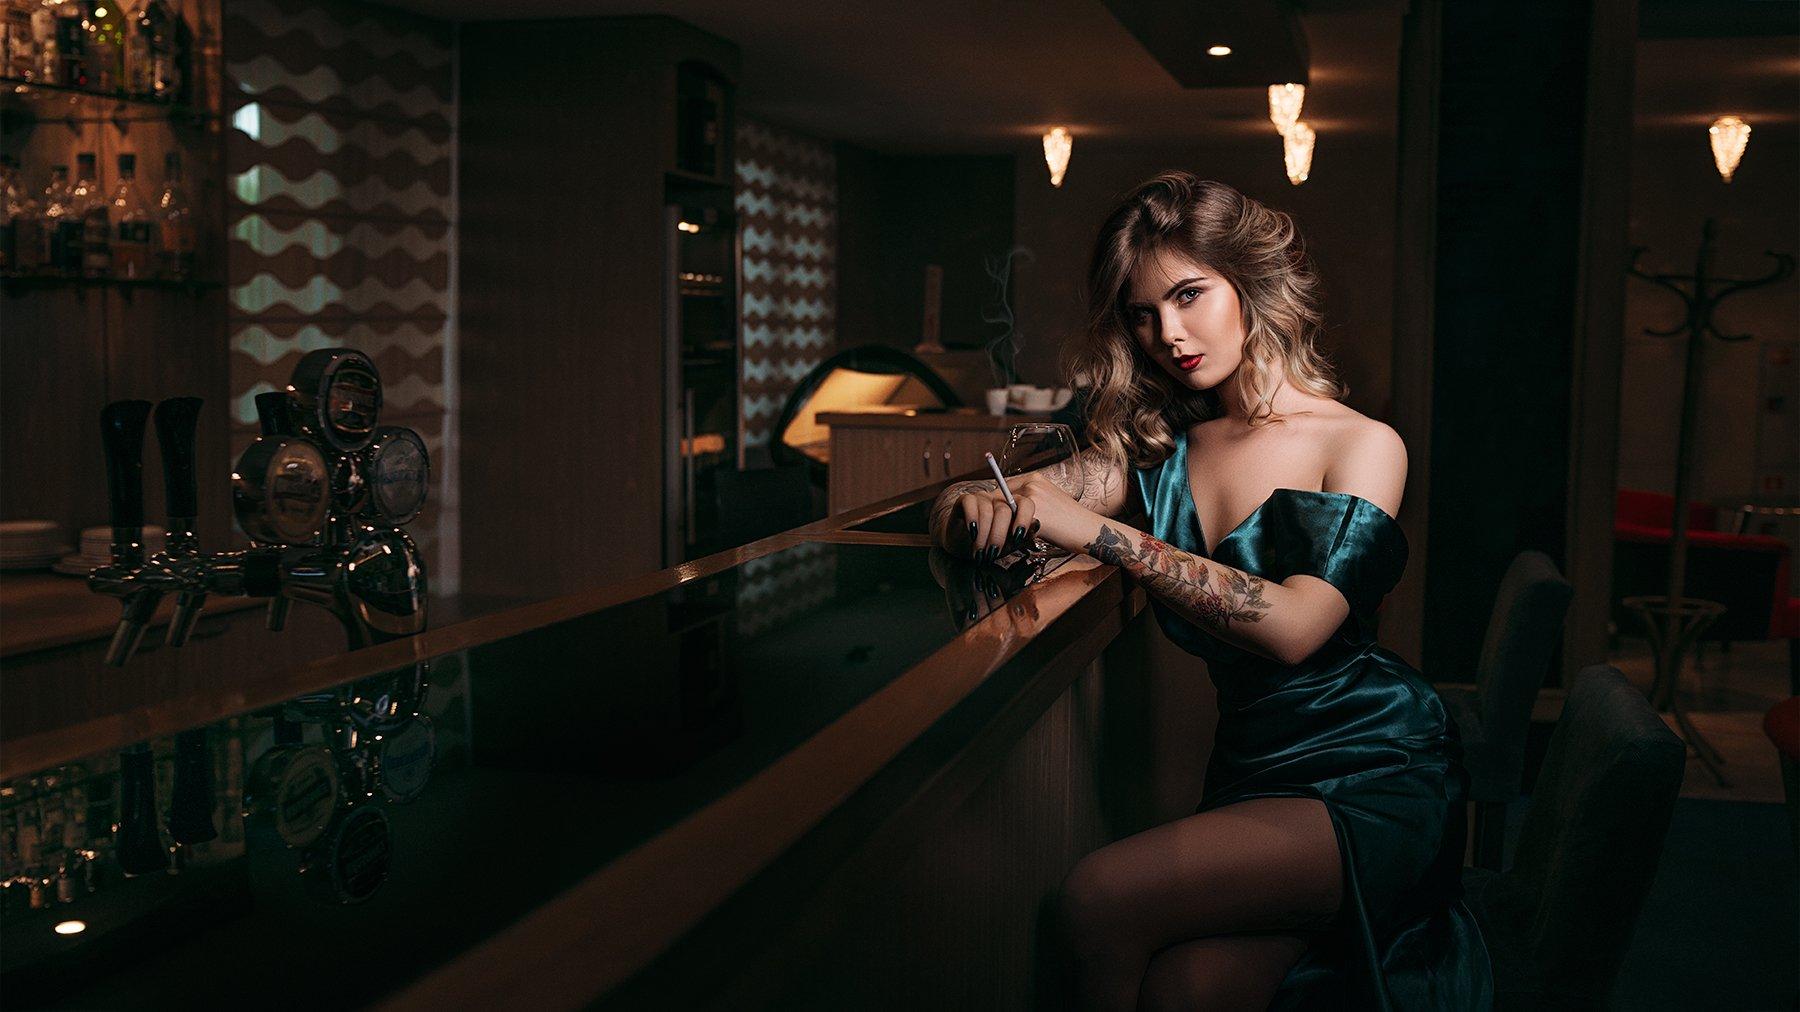 nikon, d800, 35mm, отель, портрет, девушка, бар, 2016, Новицкий Илья